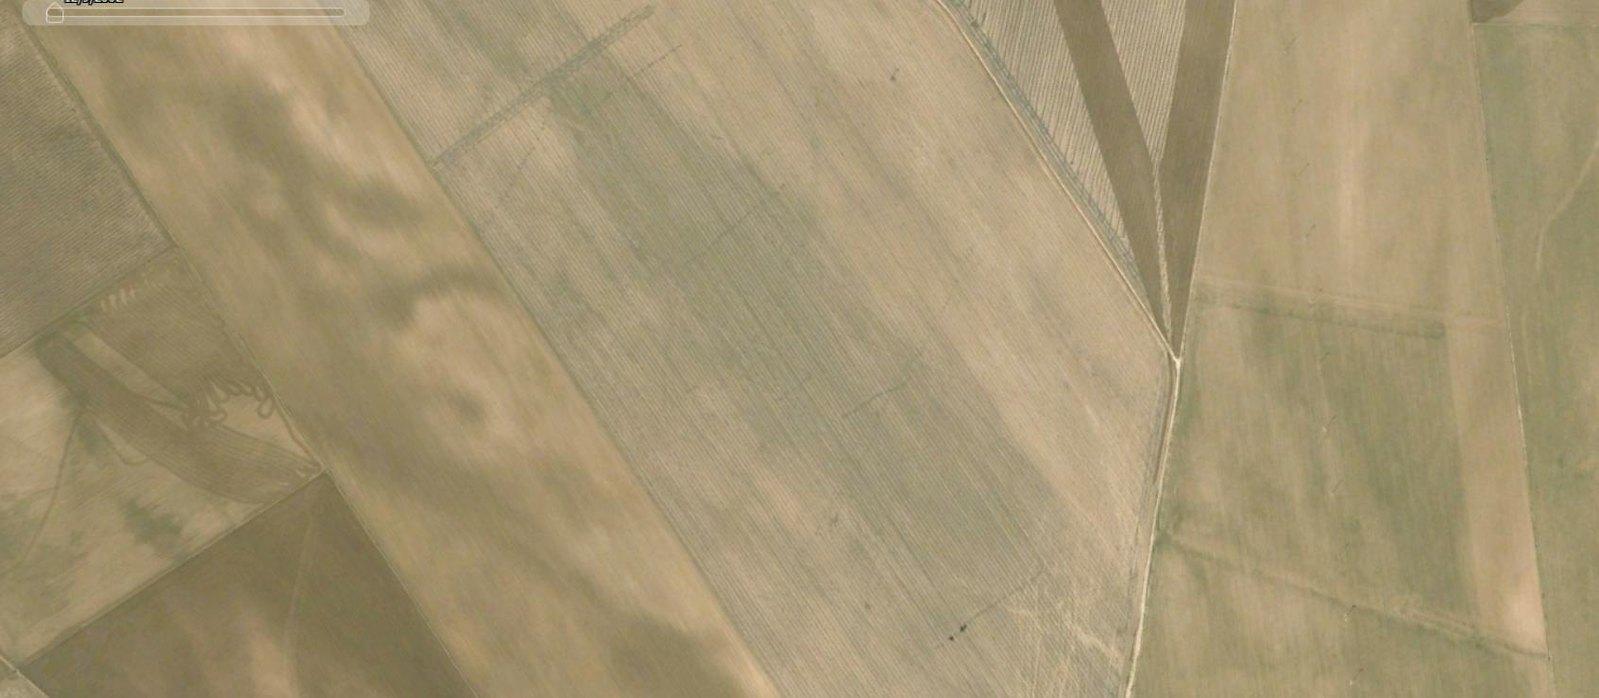 pozo de la peña, albacete, pozo de lo pelat, antes, urbanismo, planeamiento, urbano, desastre, urbanístico, construcción